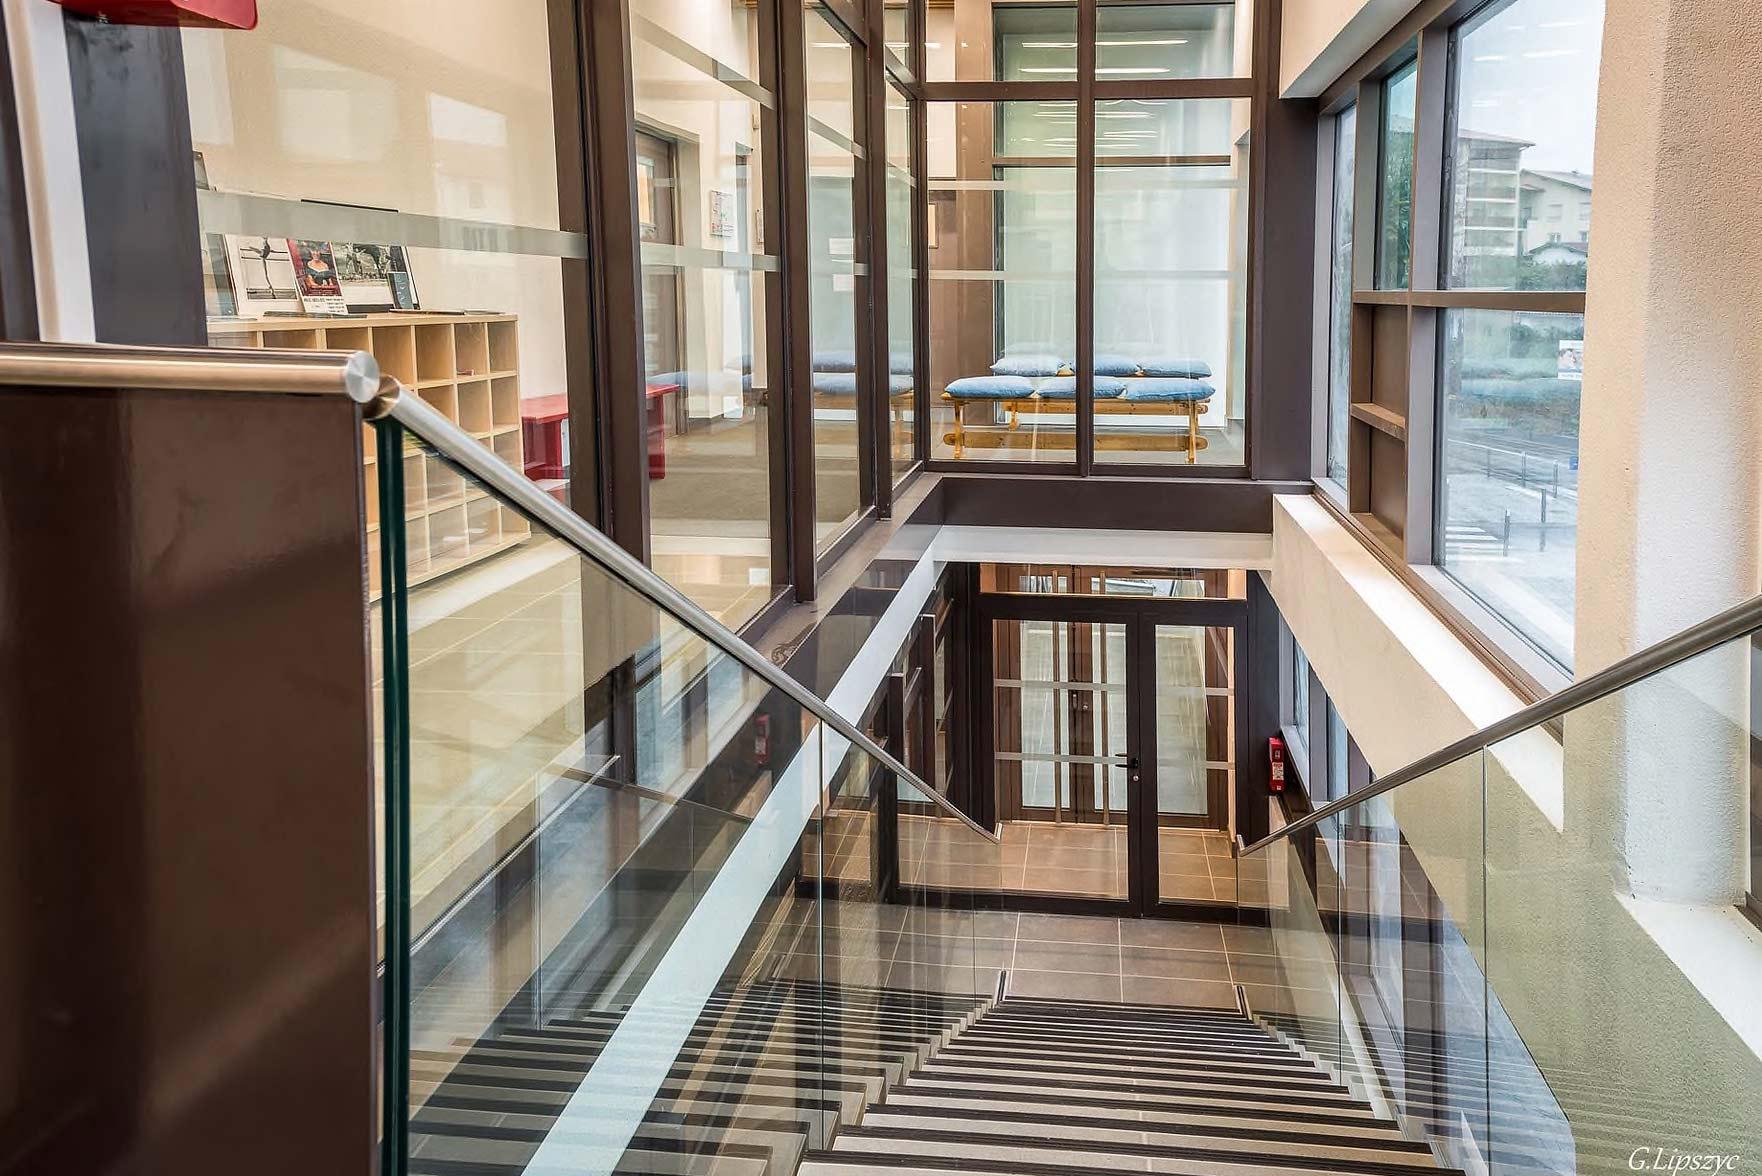 Escalier de l'école de Ballet - Studios Biarritz